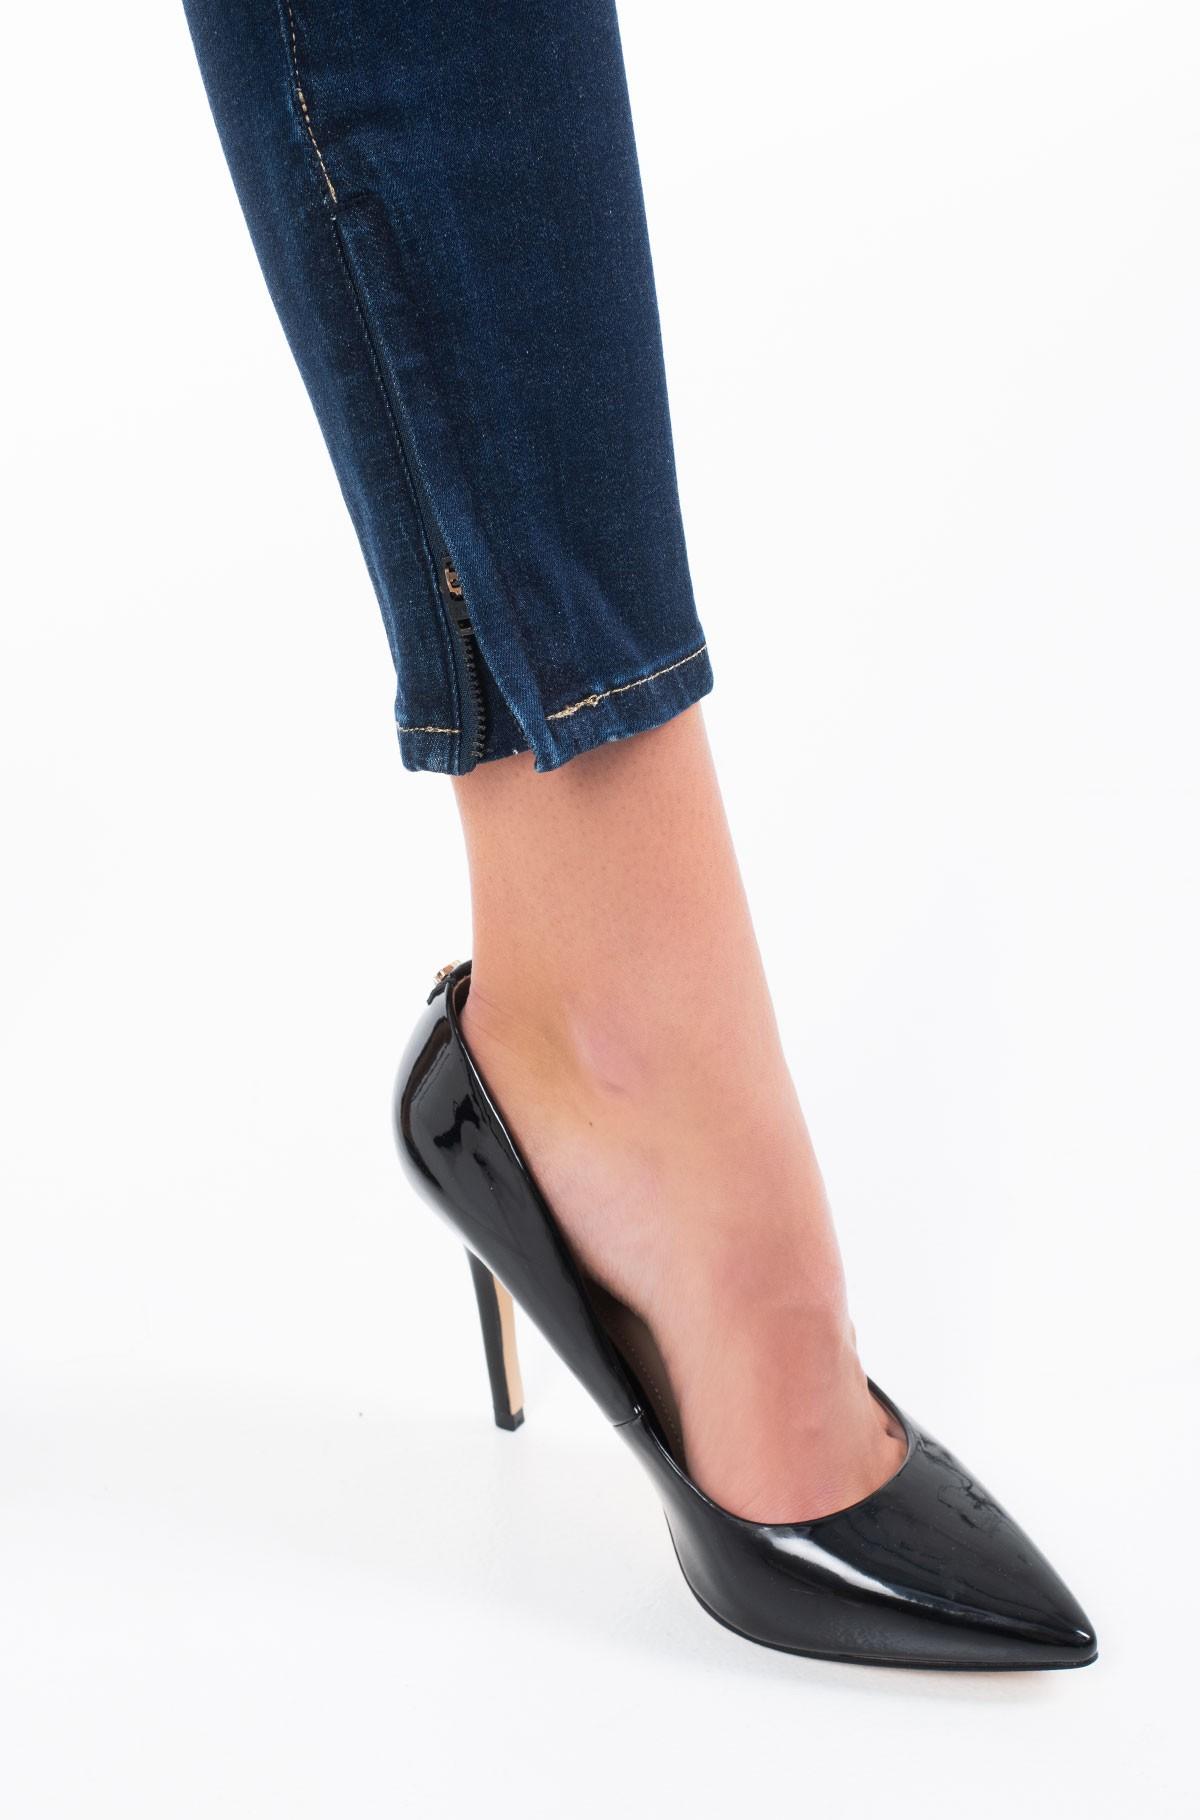 Jeans CHER HIGH/PL203384DC9-full-3